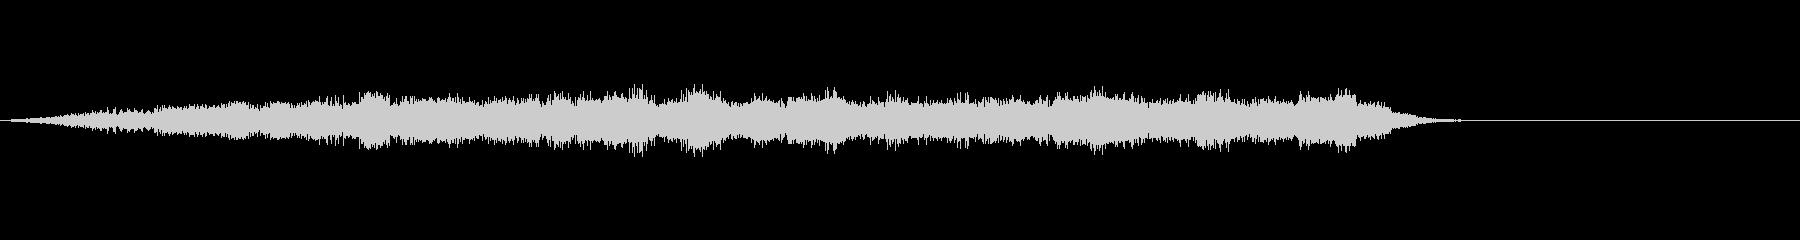 危険4弦コードの未再生の波形